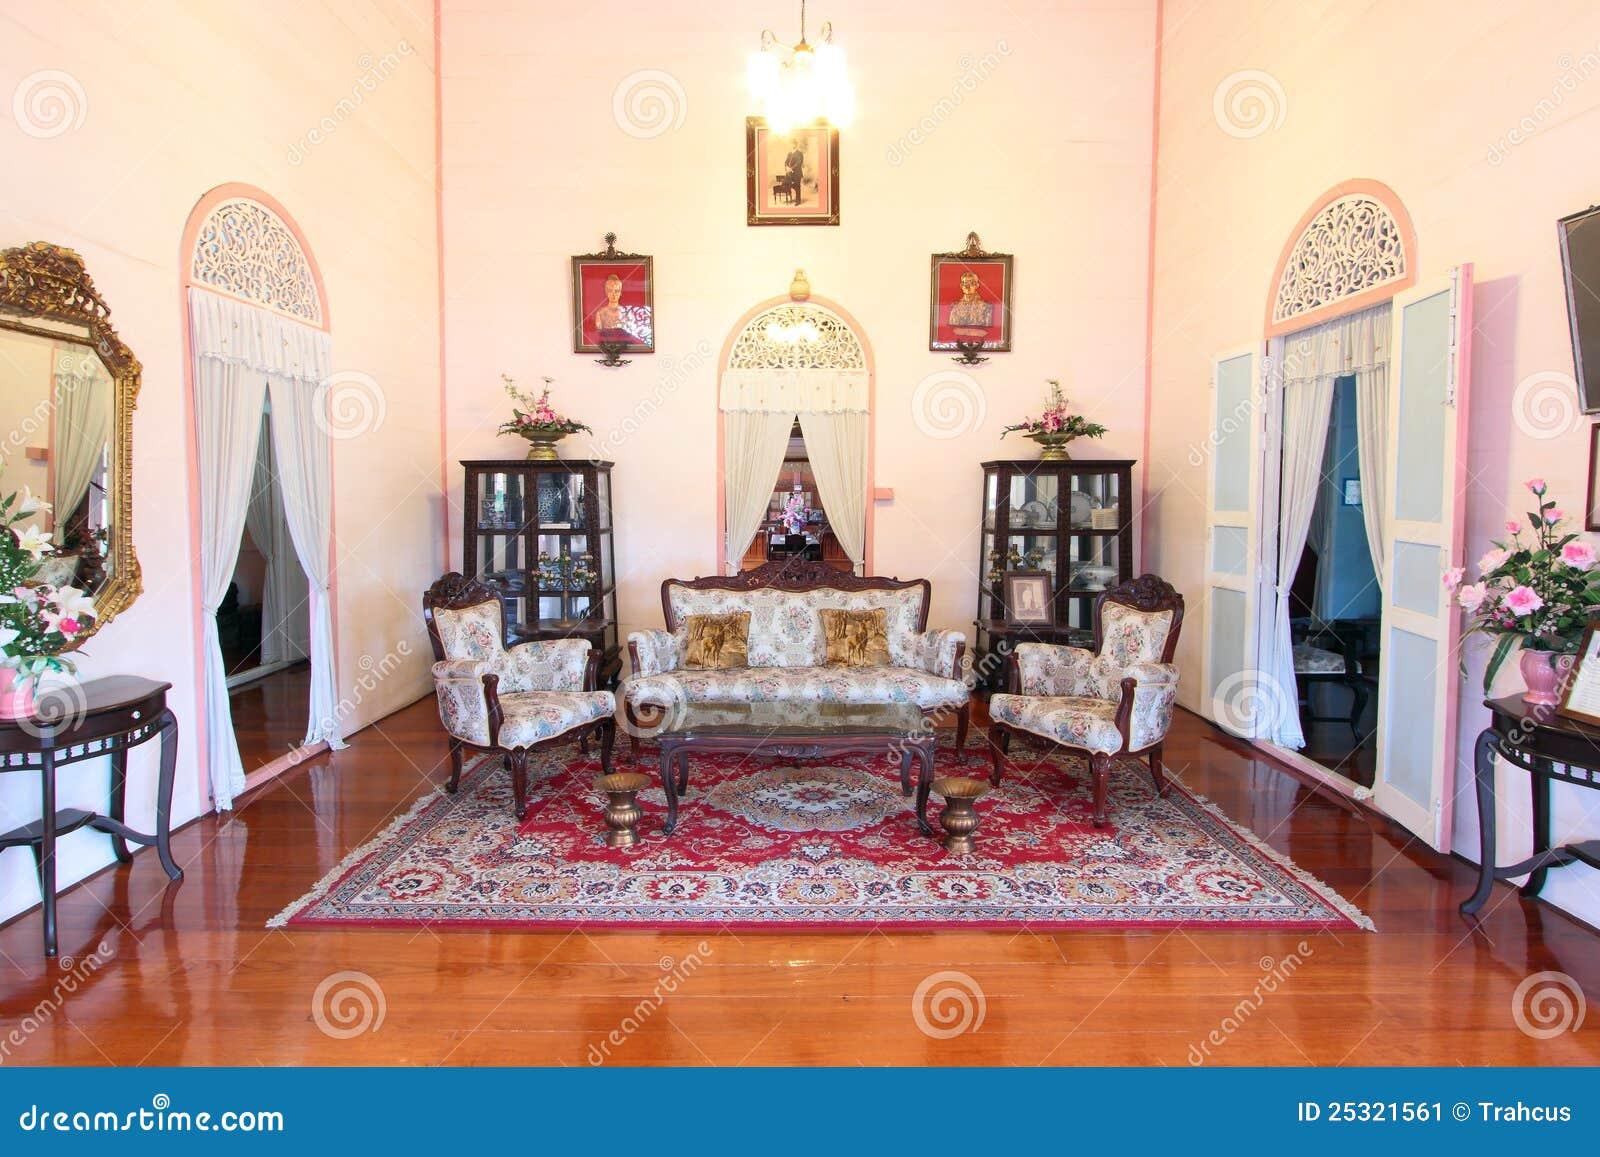 Woonkamer van huis door koloniale stijl thailand stock afbeelding afbeelding 25321561 - Koloniale stijl kantoor ...